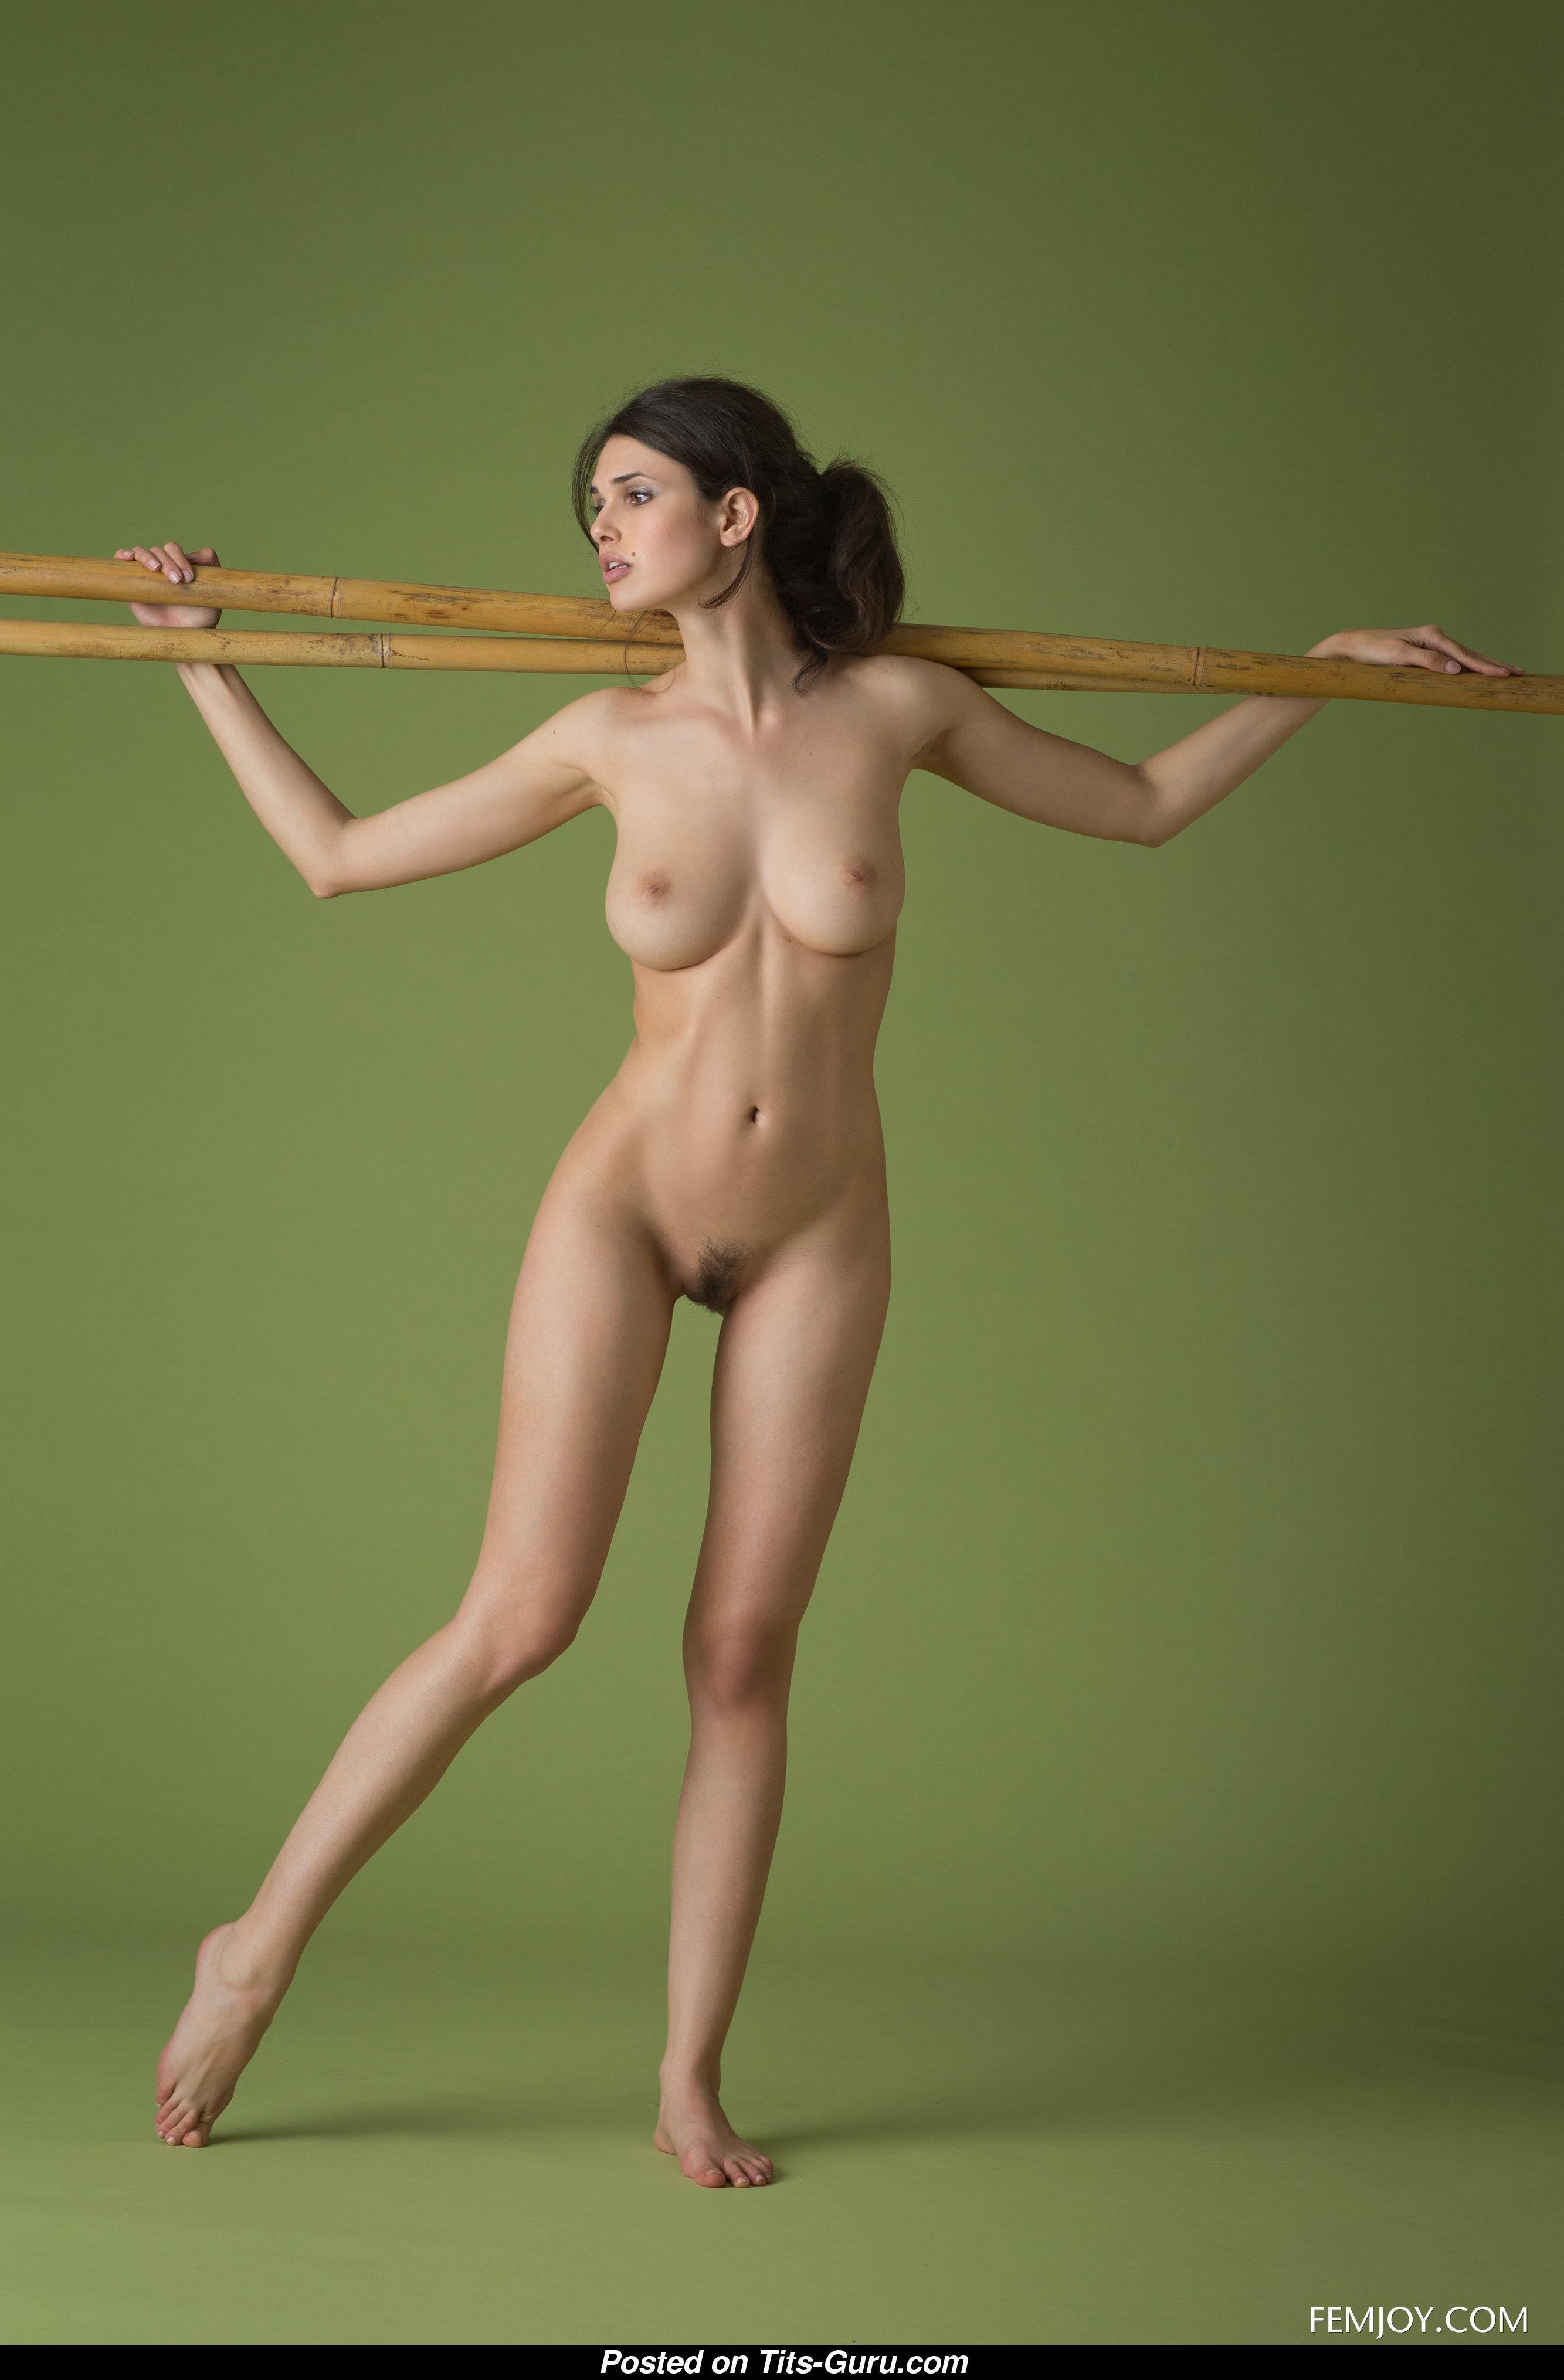 Naked Girls 18+ Jenna finnegan milf